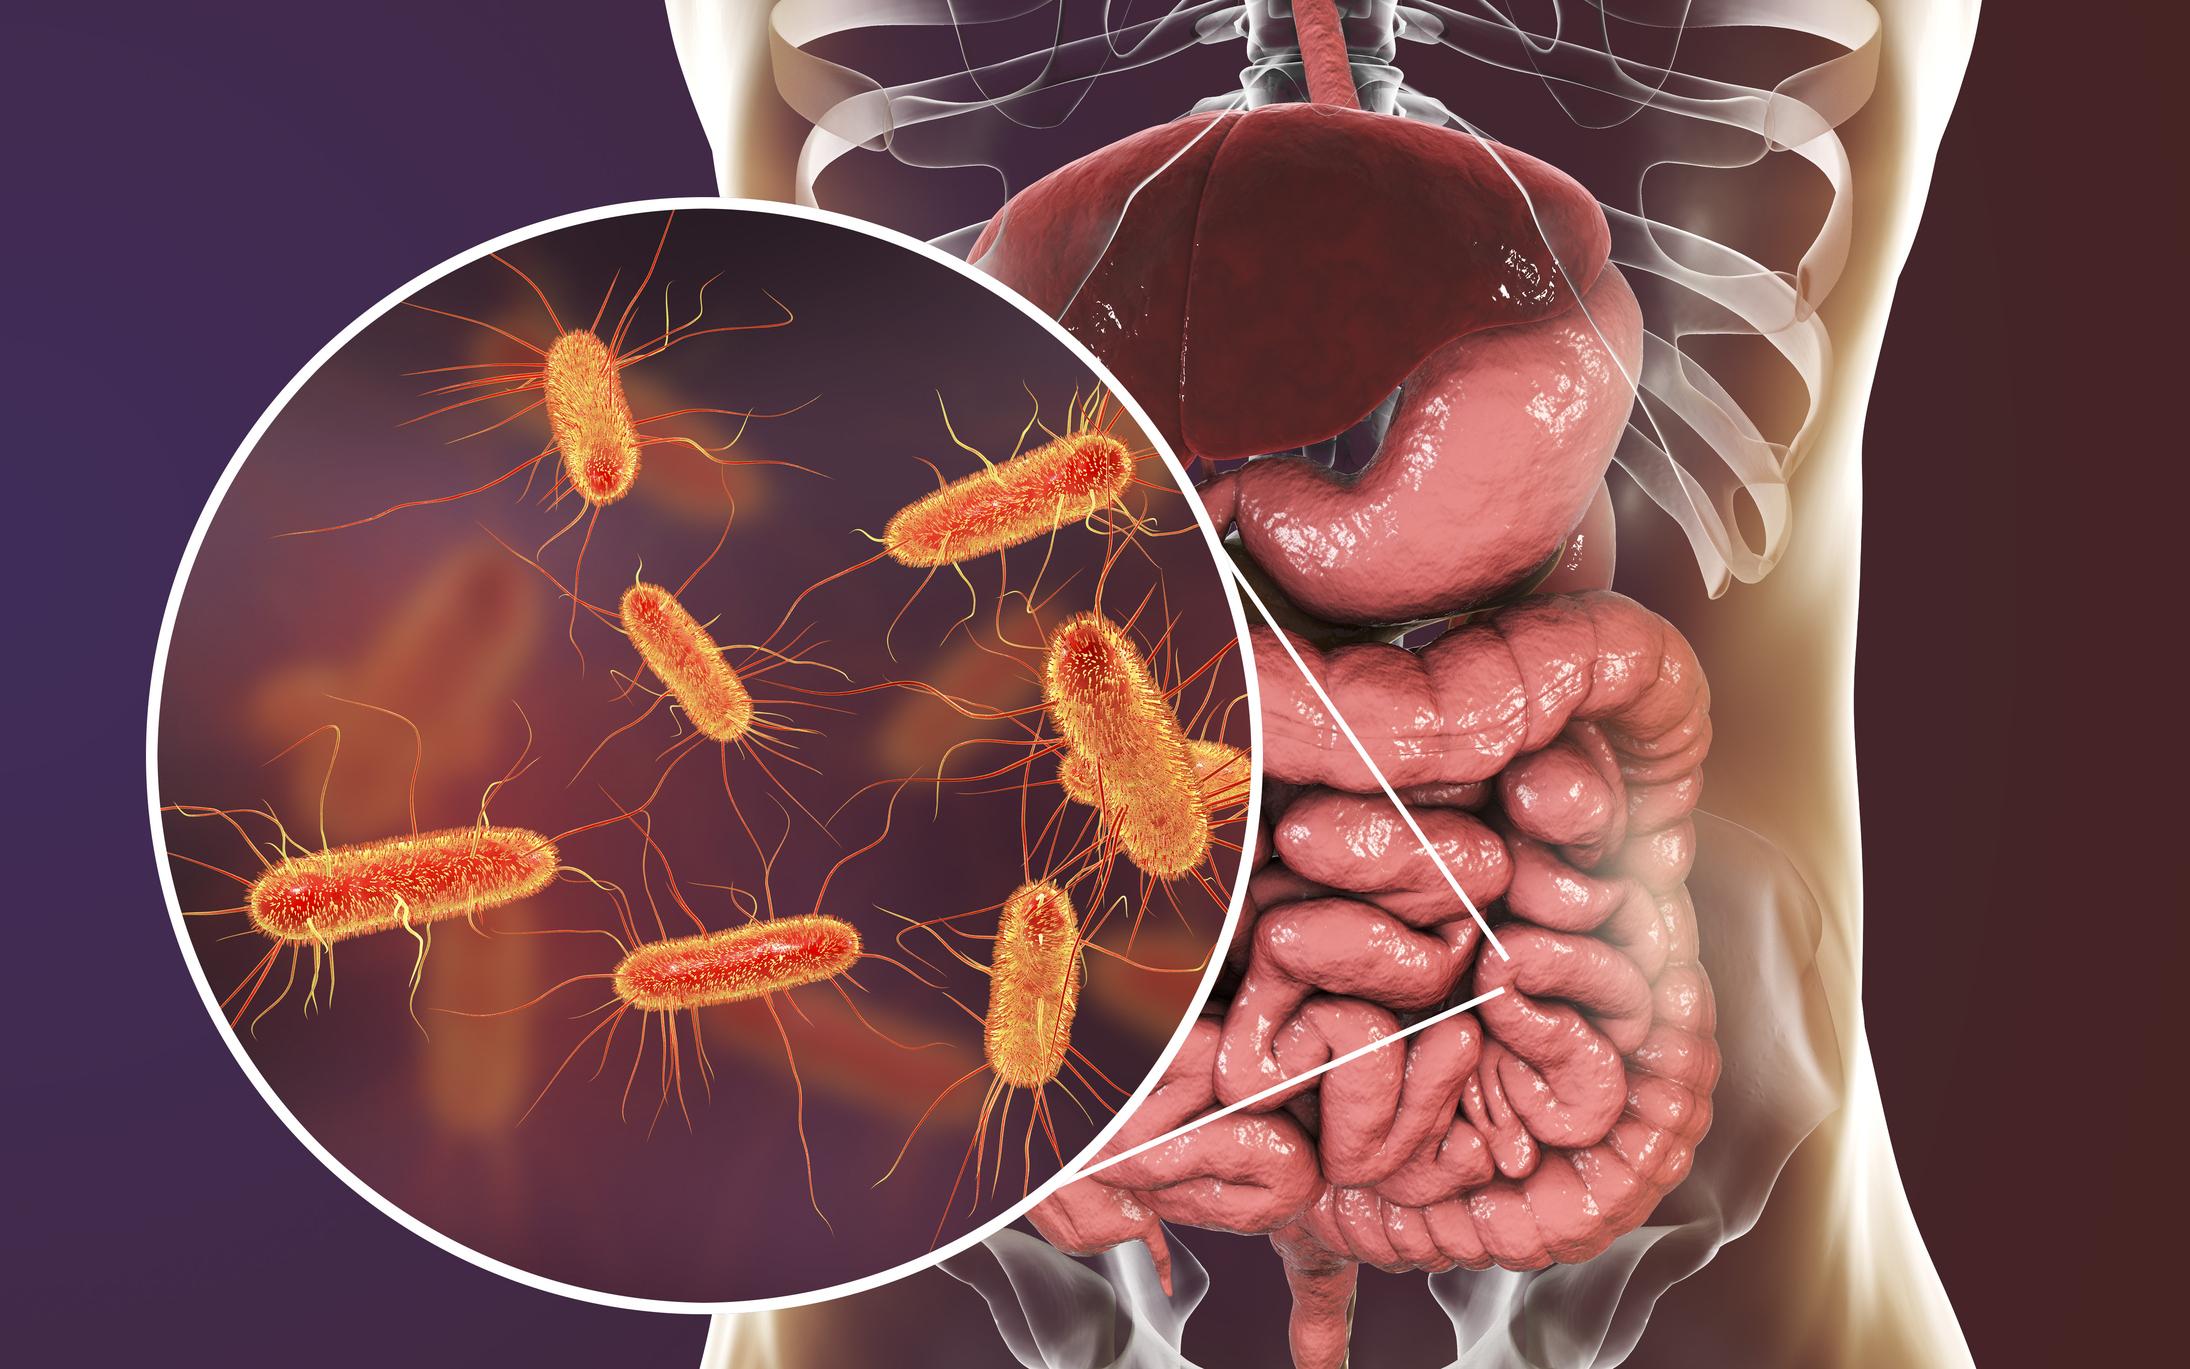 Vilka bakterier består den okända delen av tarmfloran av?